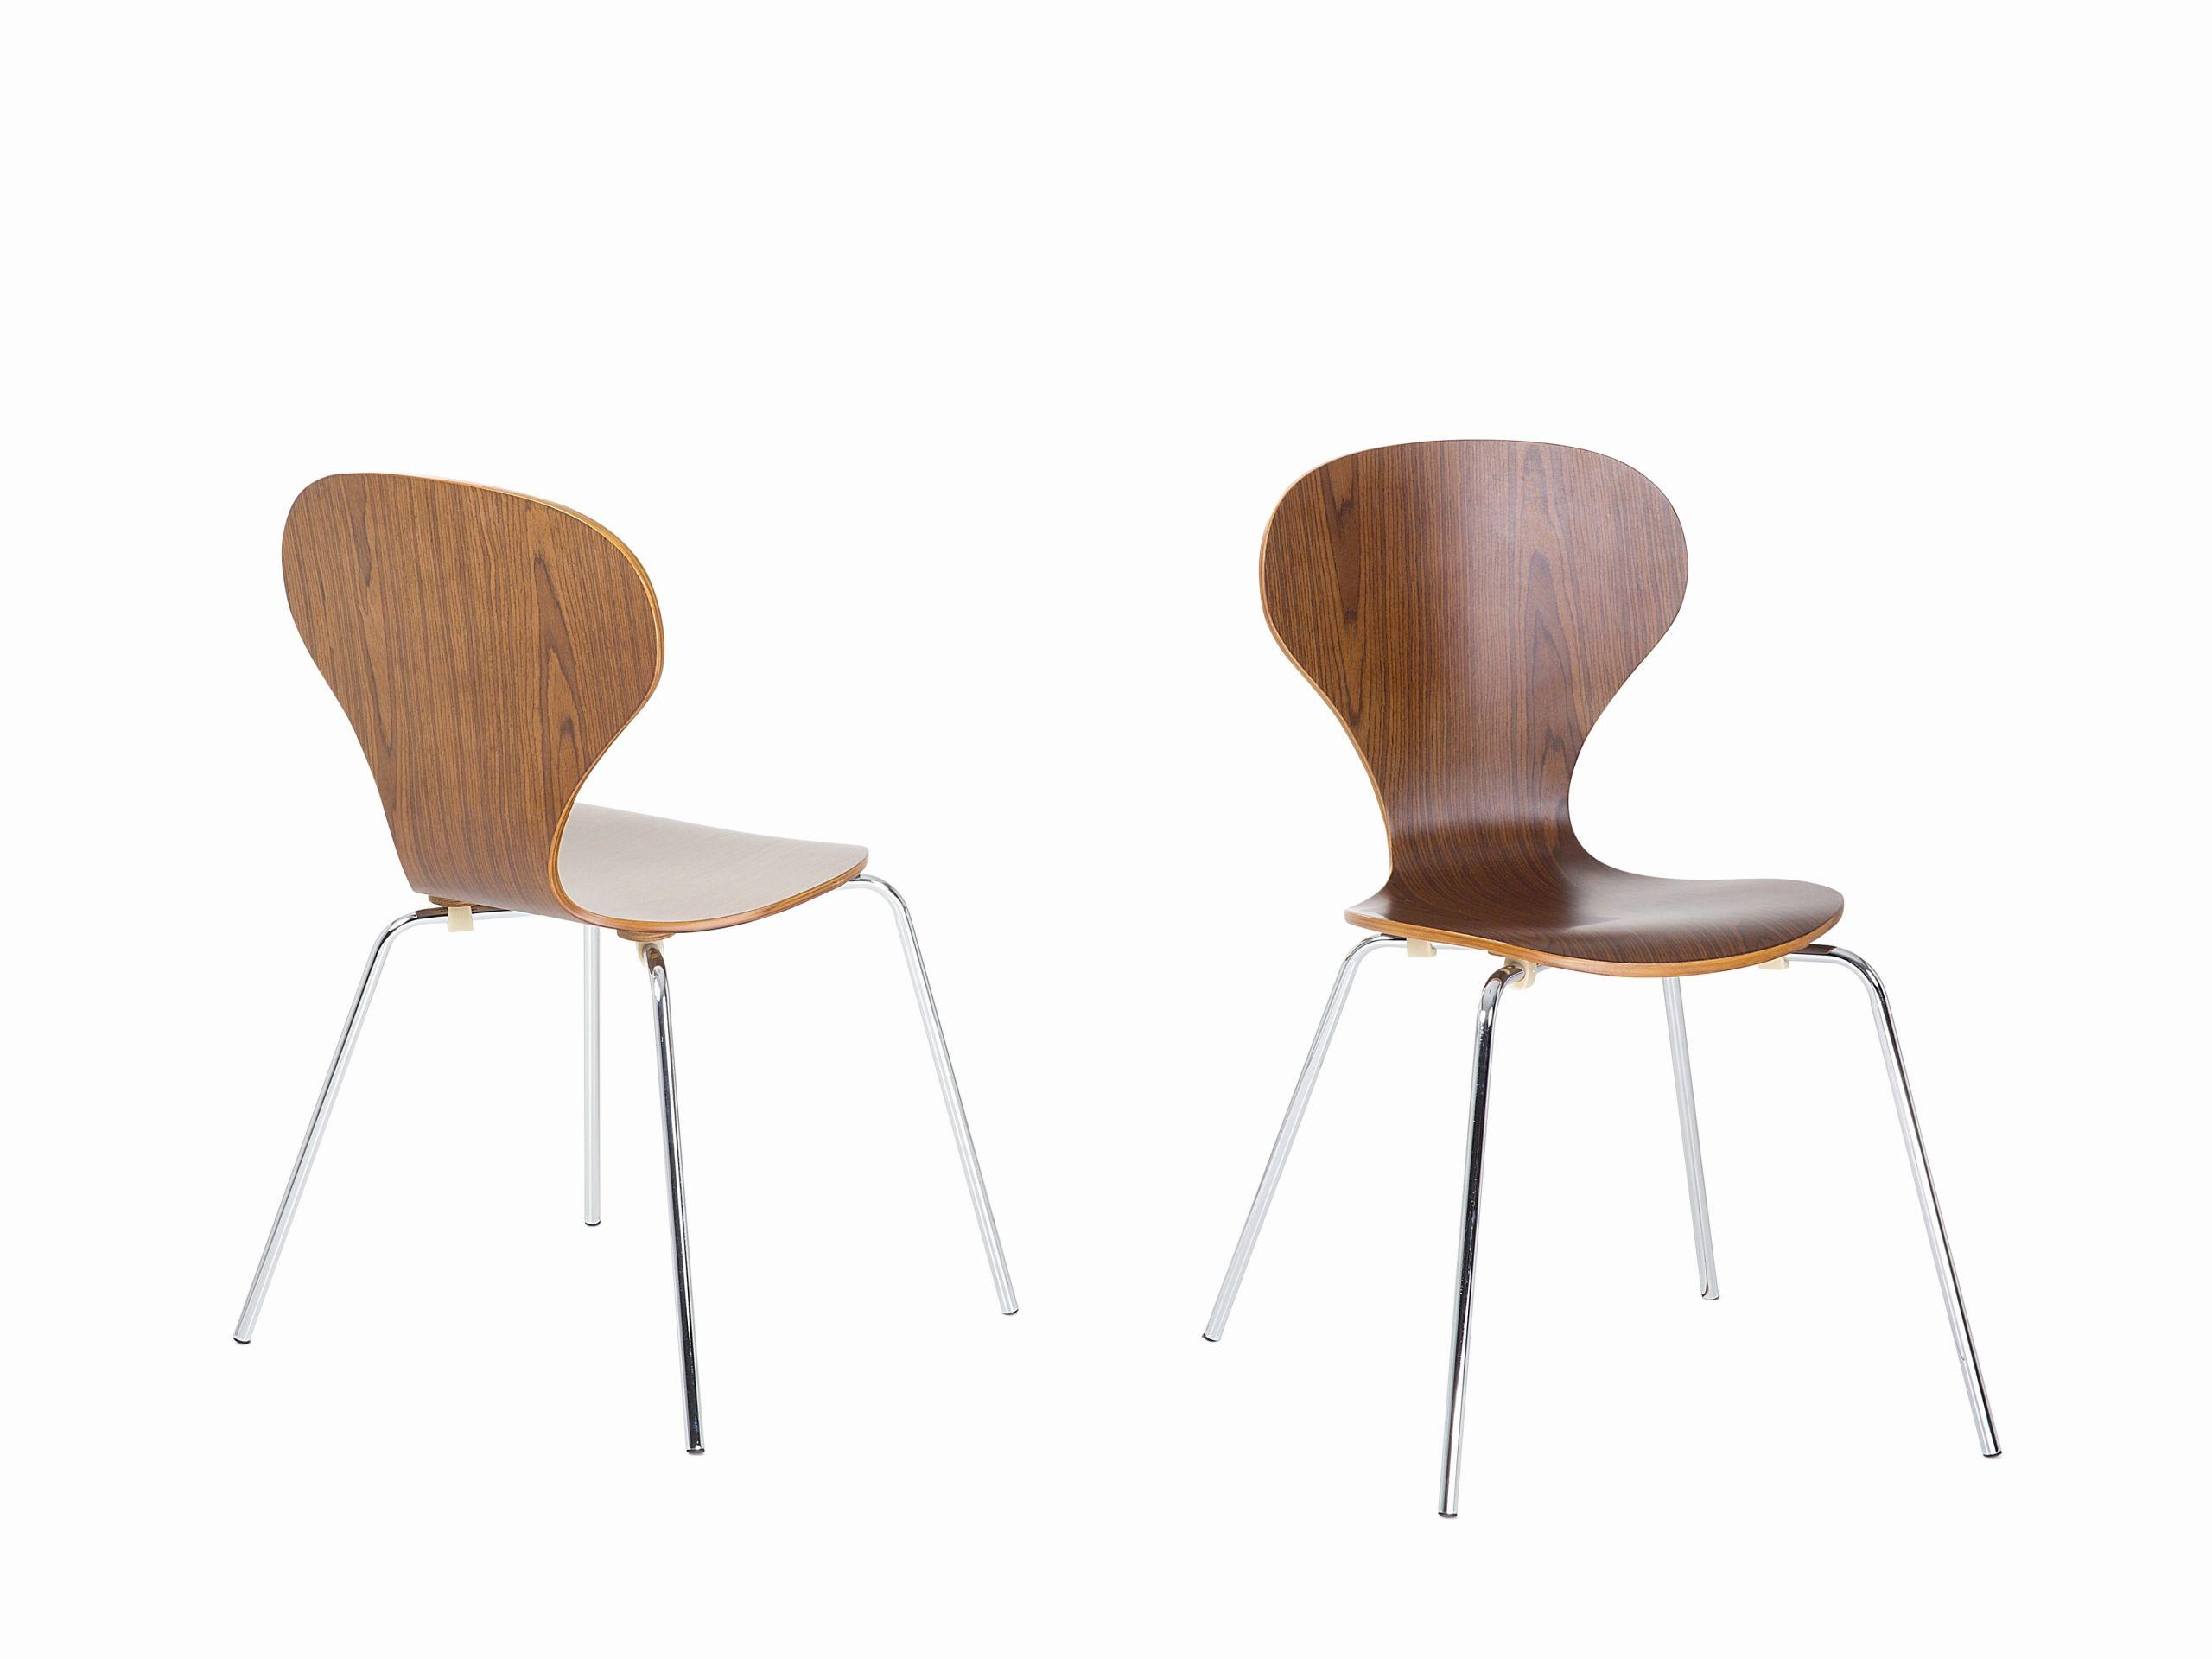 fauteuil relax scandinave unique leroy merlin chaise fauteuil relax salon meilleur fauteuil salon 0d of fauteuil relax scandinave